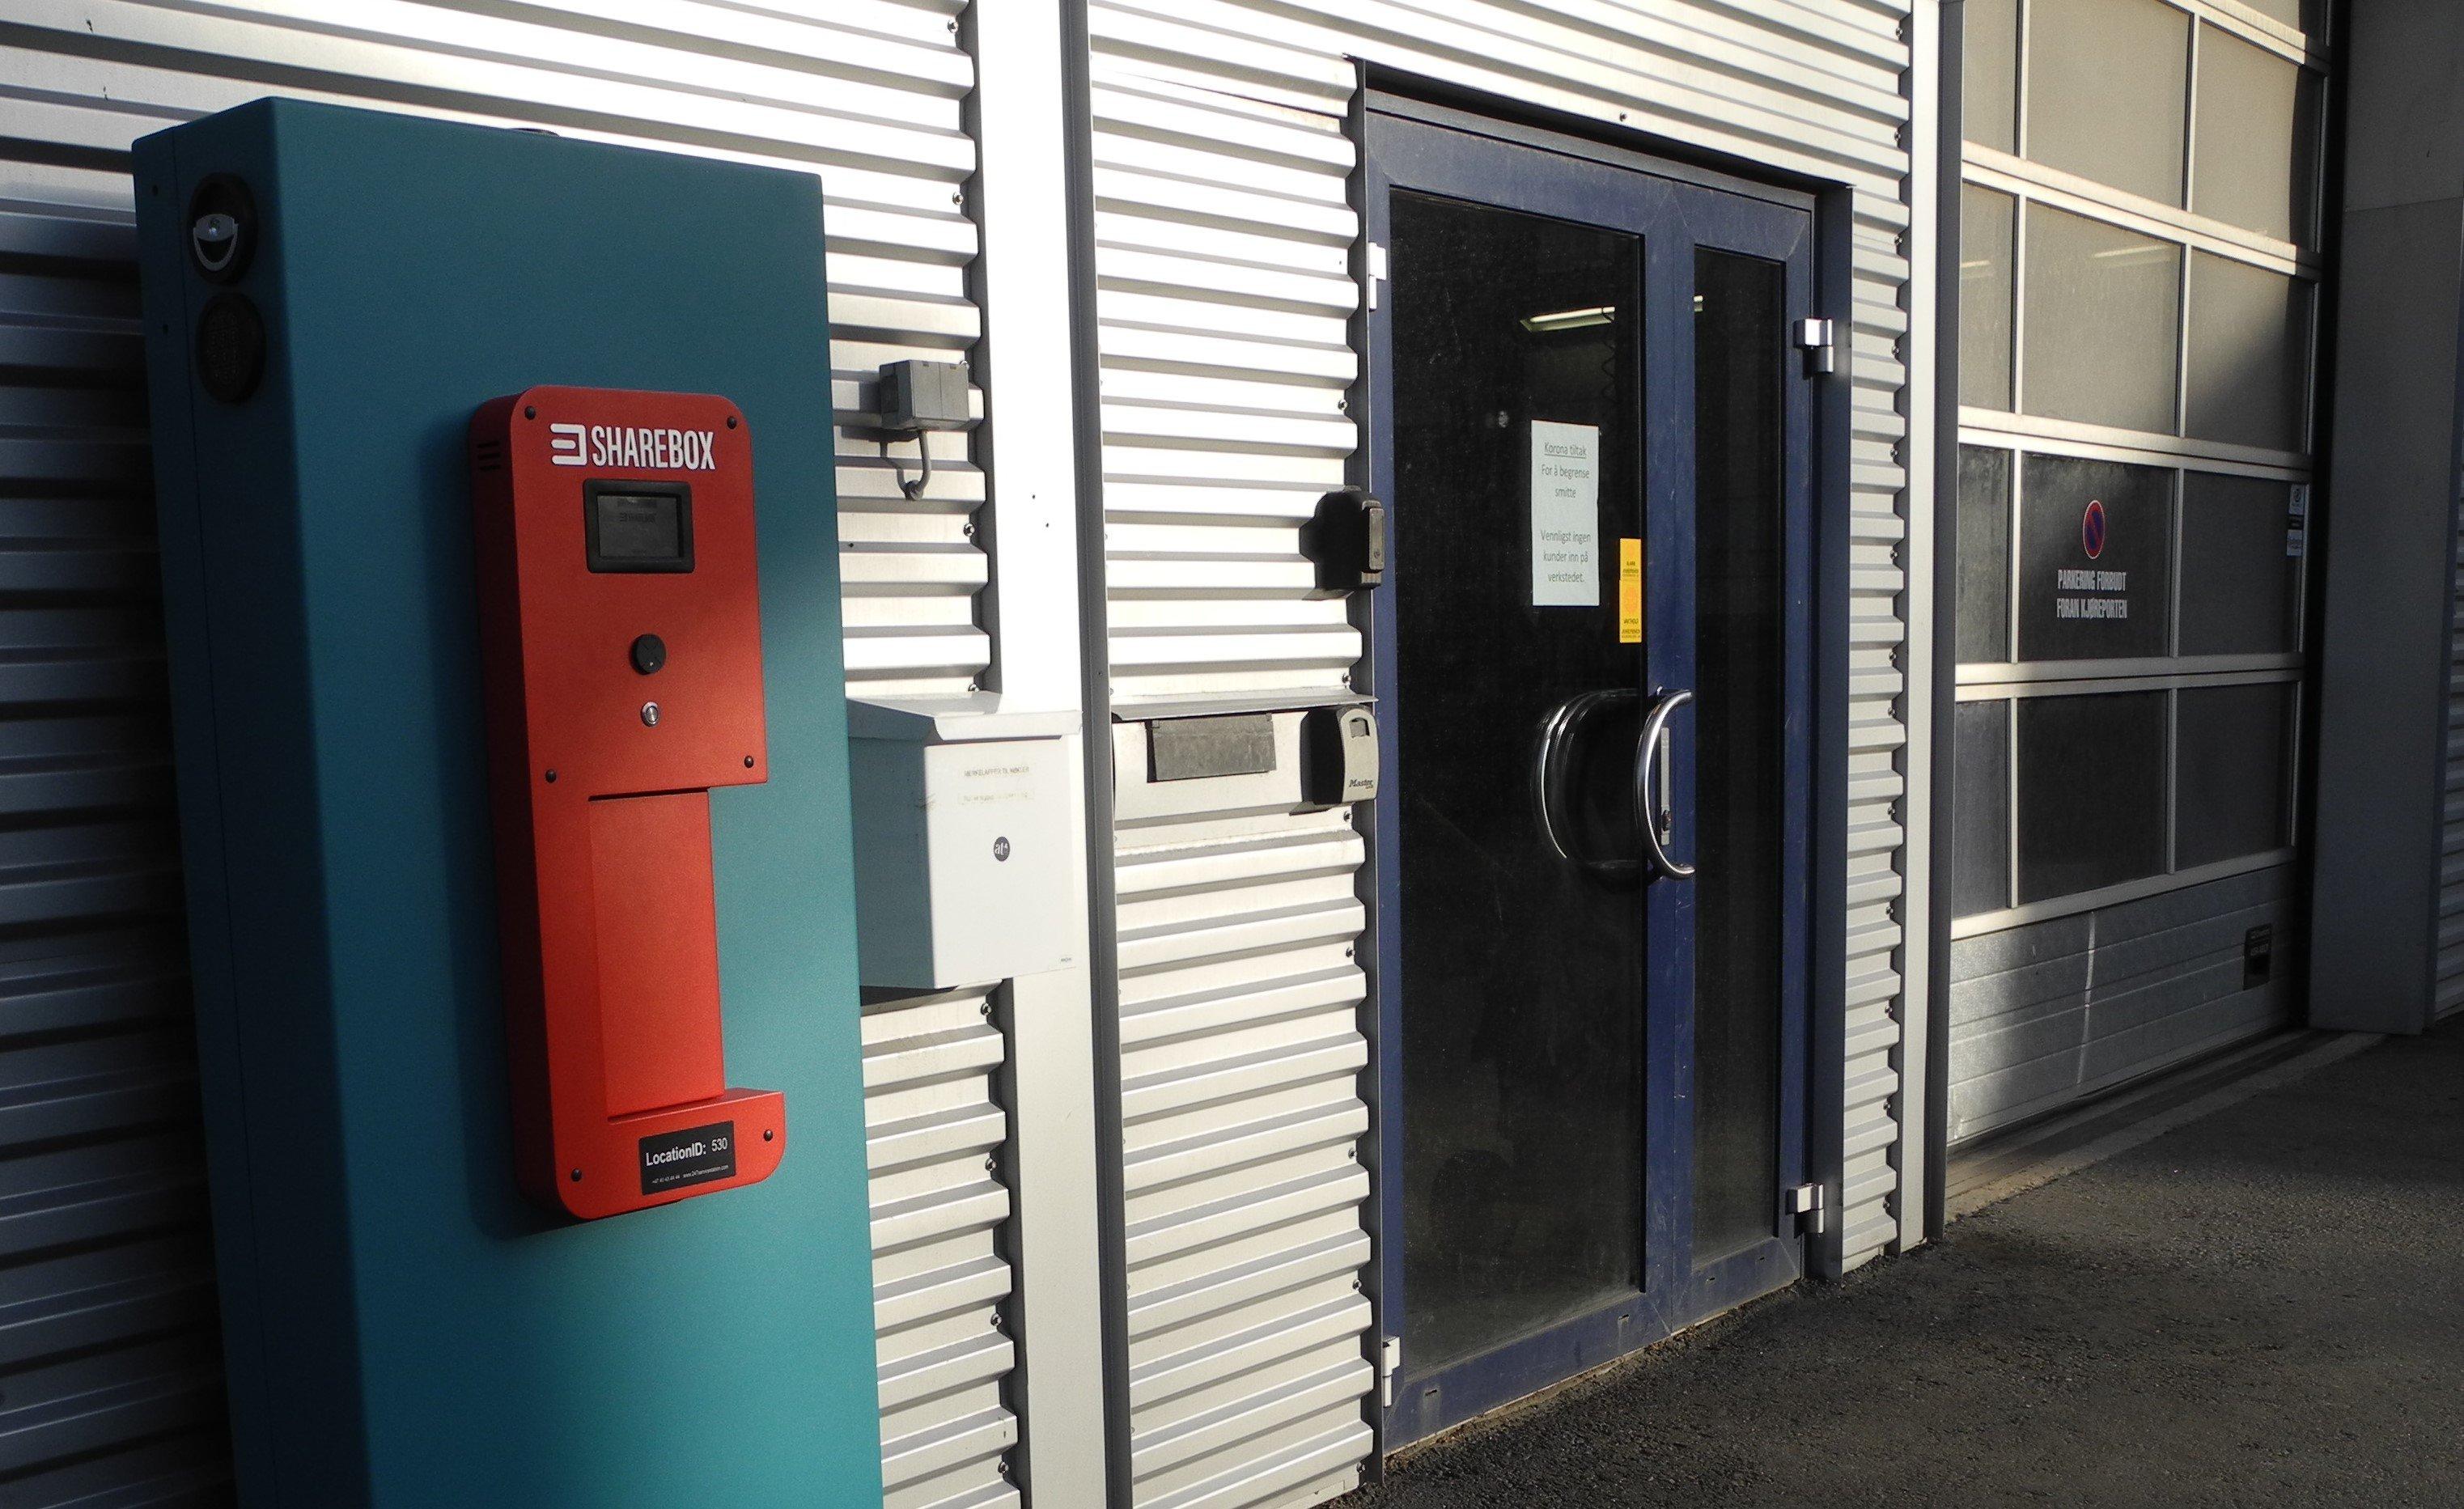 Garage car service Sharebox